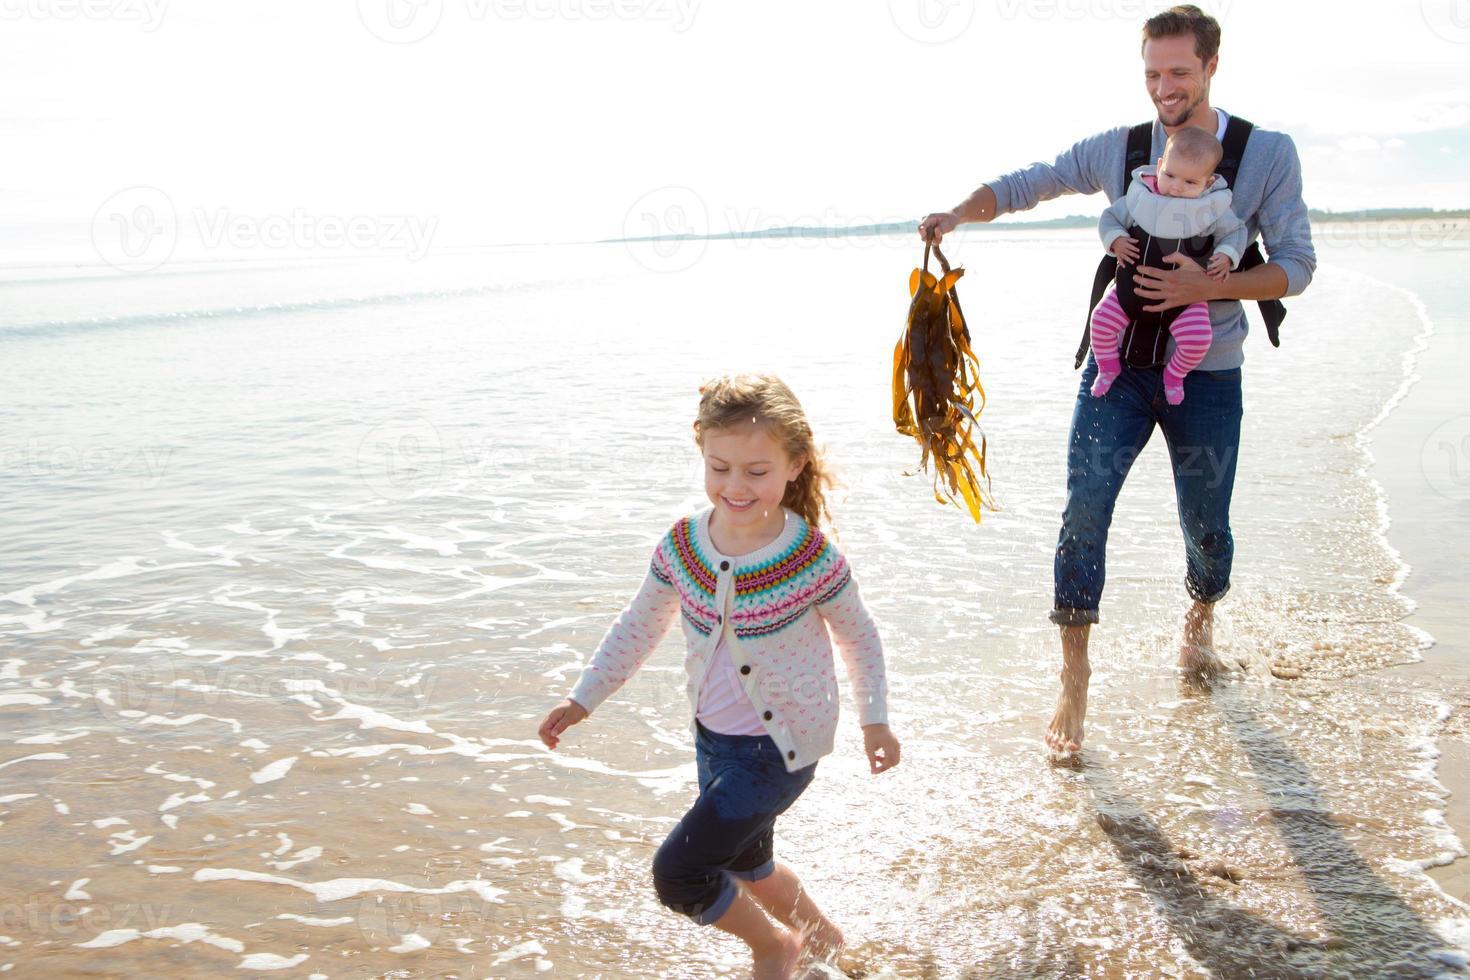 vader met kinderen op het strand foto